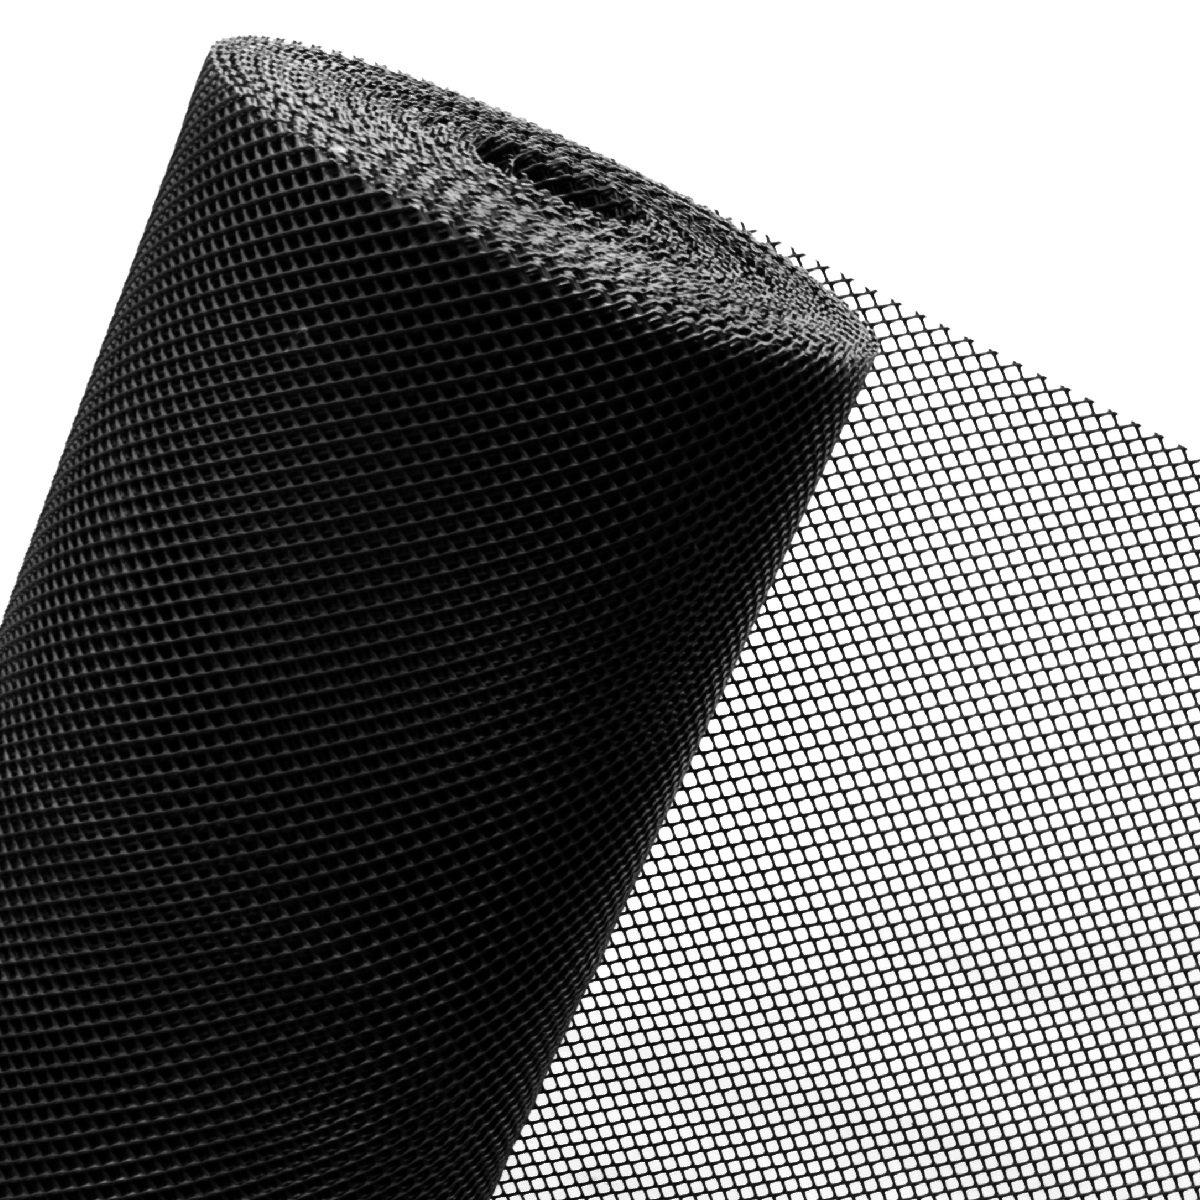 Novmax - Rete in plastica per recinzioni, 1,2 m, maglie da 7 mm, insonorizzante, vendita al metro